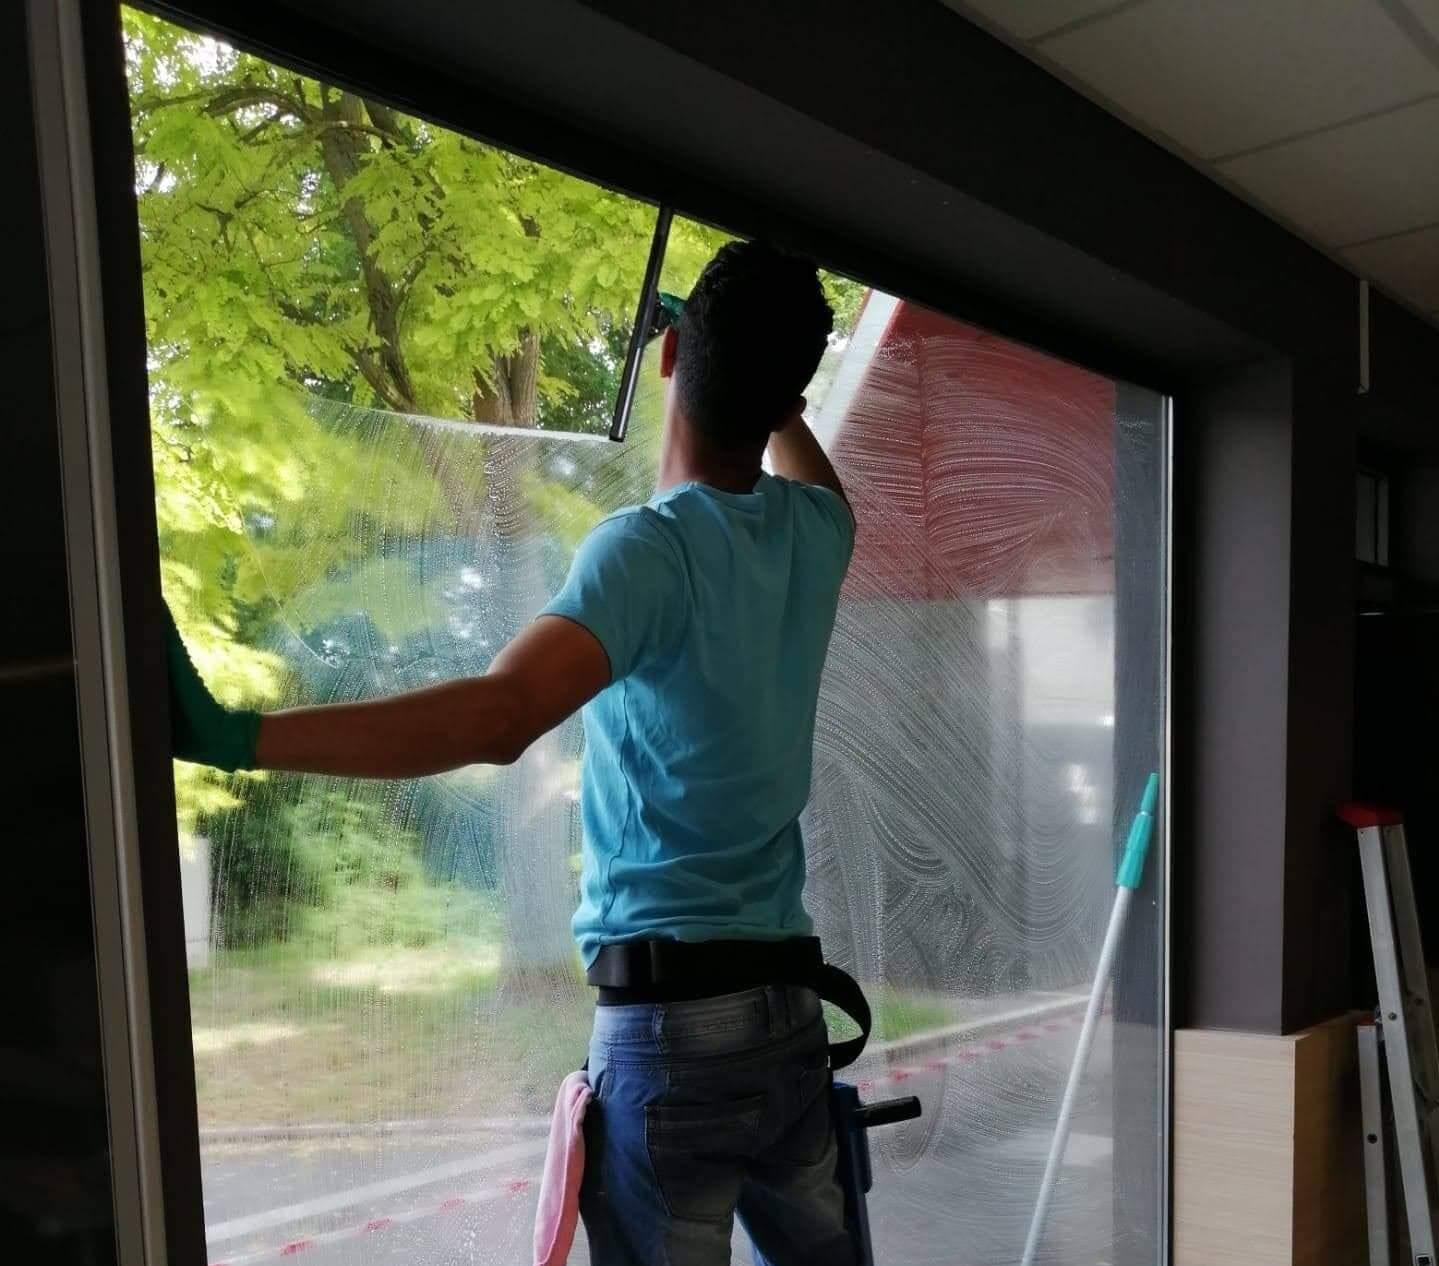 Lavage-de-vitres-4